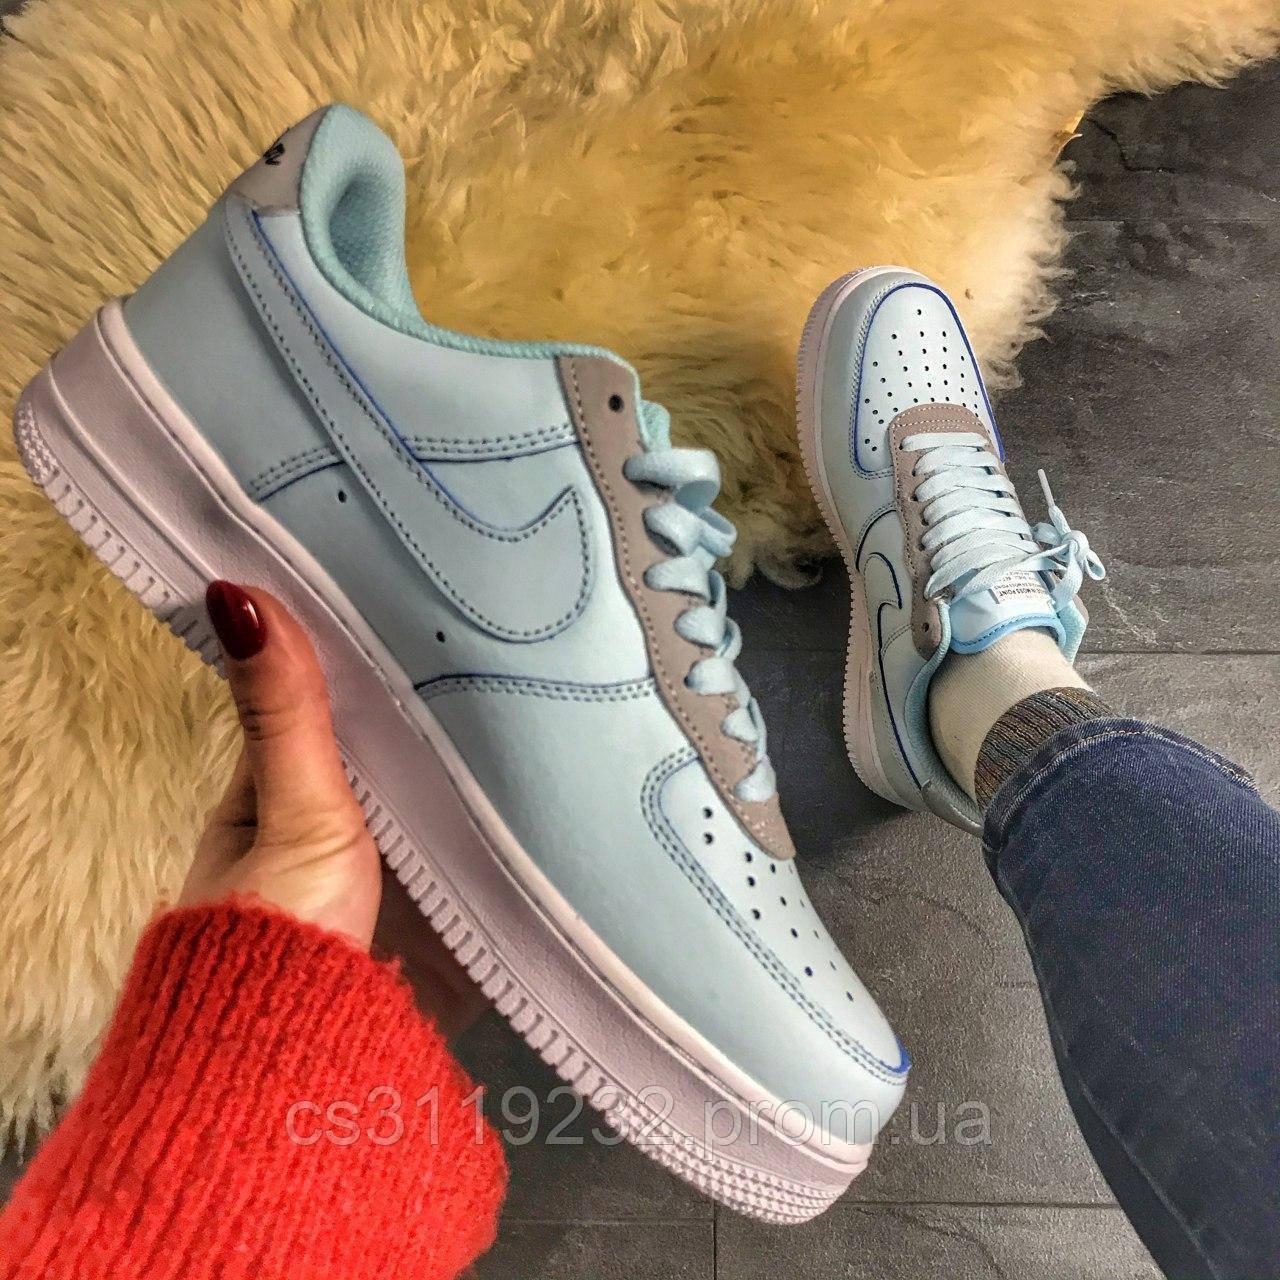 Женские кроссовки Nike Air Force Low (мятные)